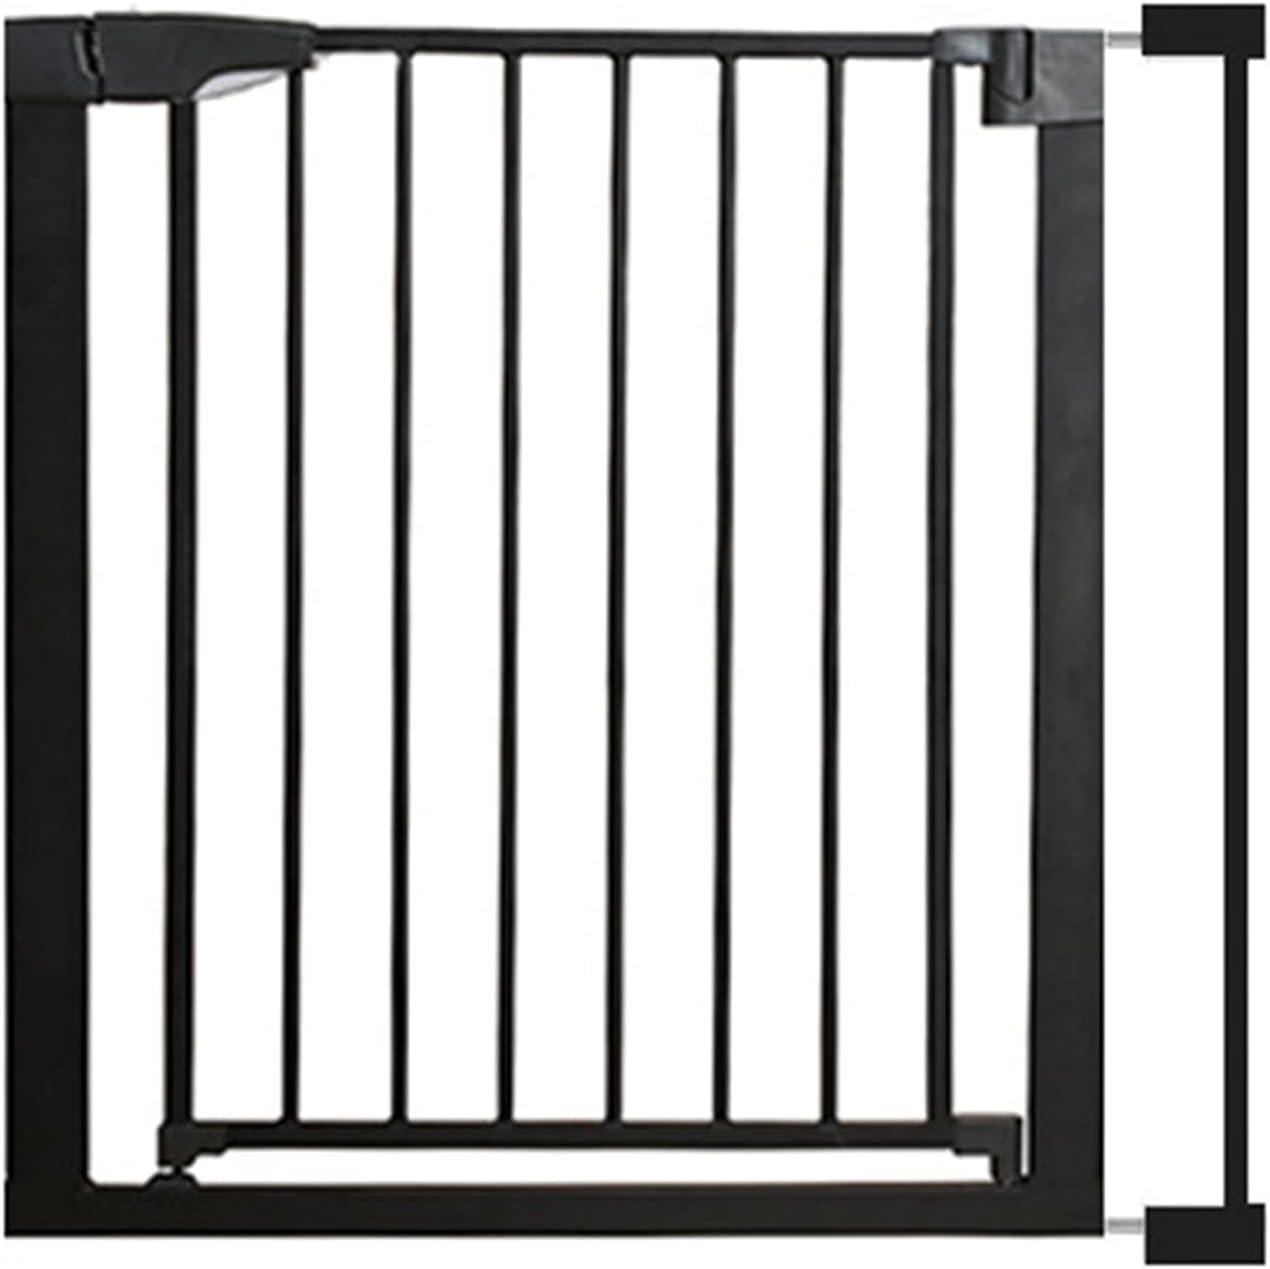 Barrera Seguridad Puerta de Bebé para Escaleras y Portales, Puerta de Escalera Metálica con Extensión, Cierre Automático de Doble Bloqueo - Puerta de Seguridad Interior